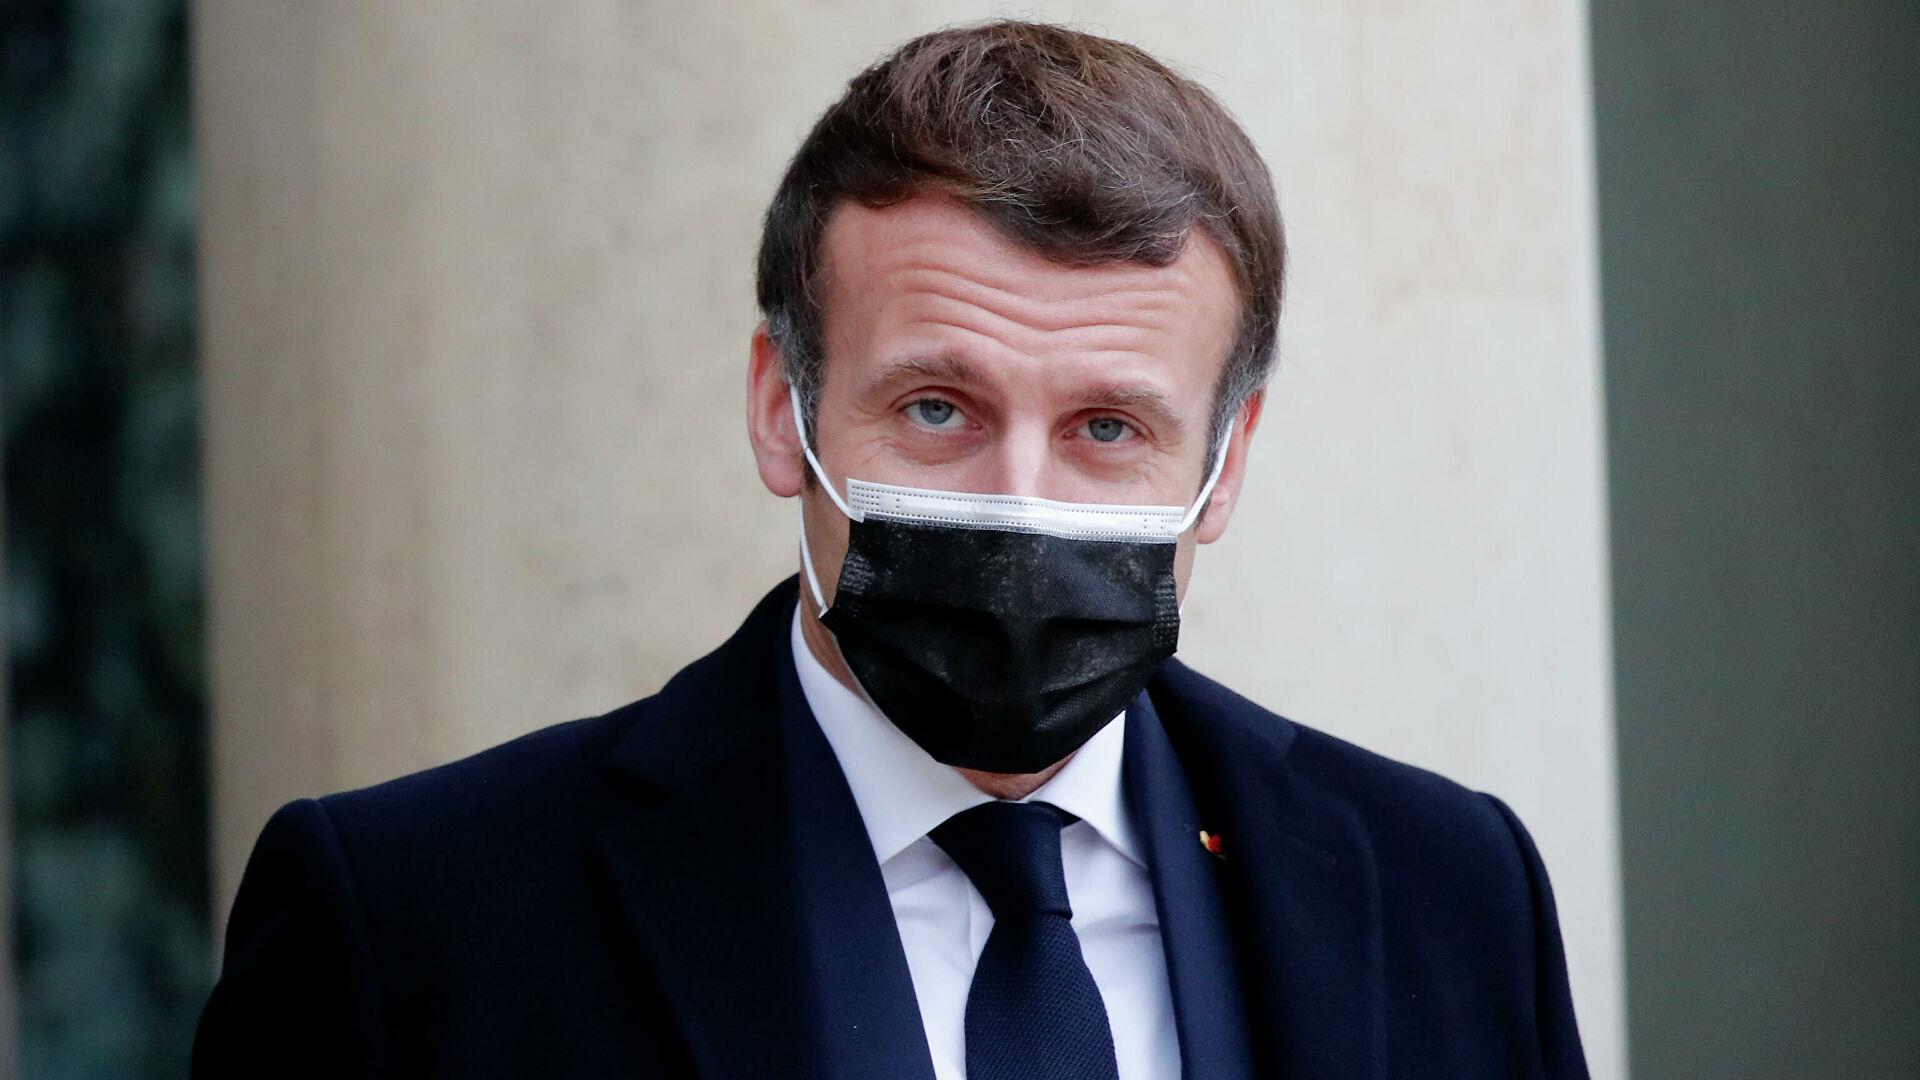 Макрон признал ответственность Франции за геноцид в Руанде